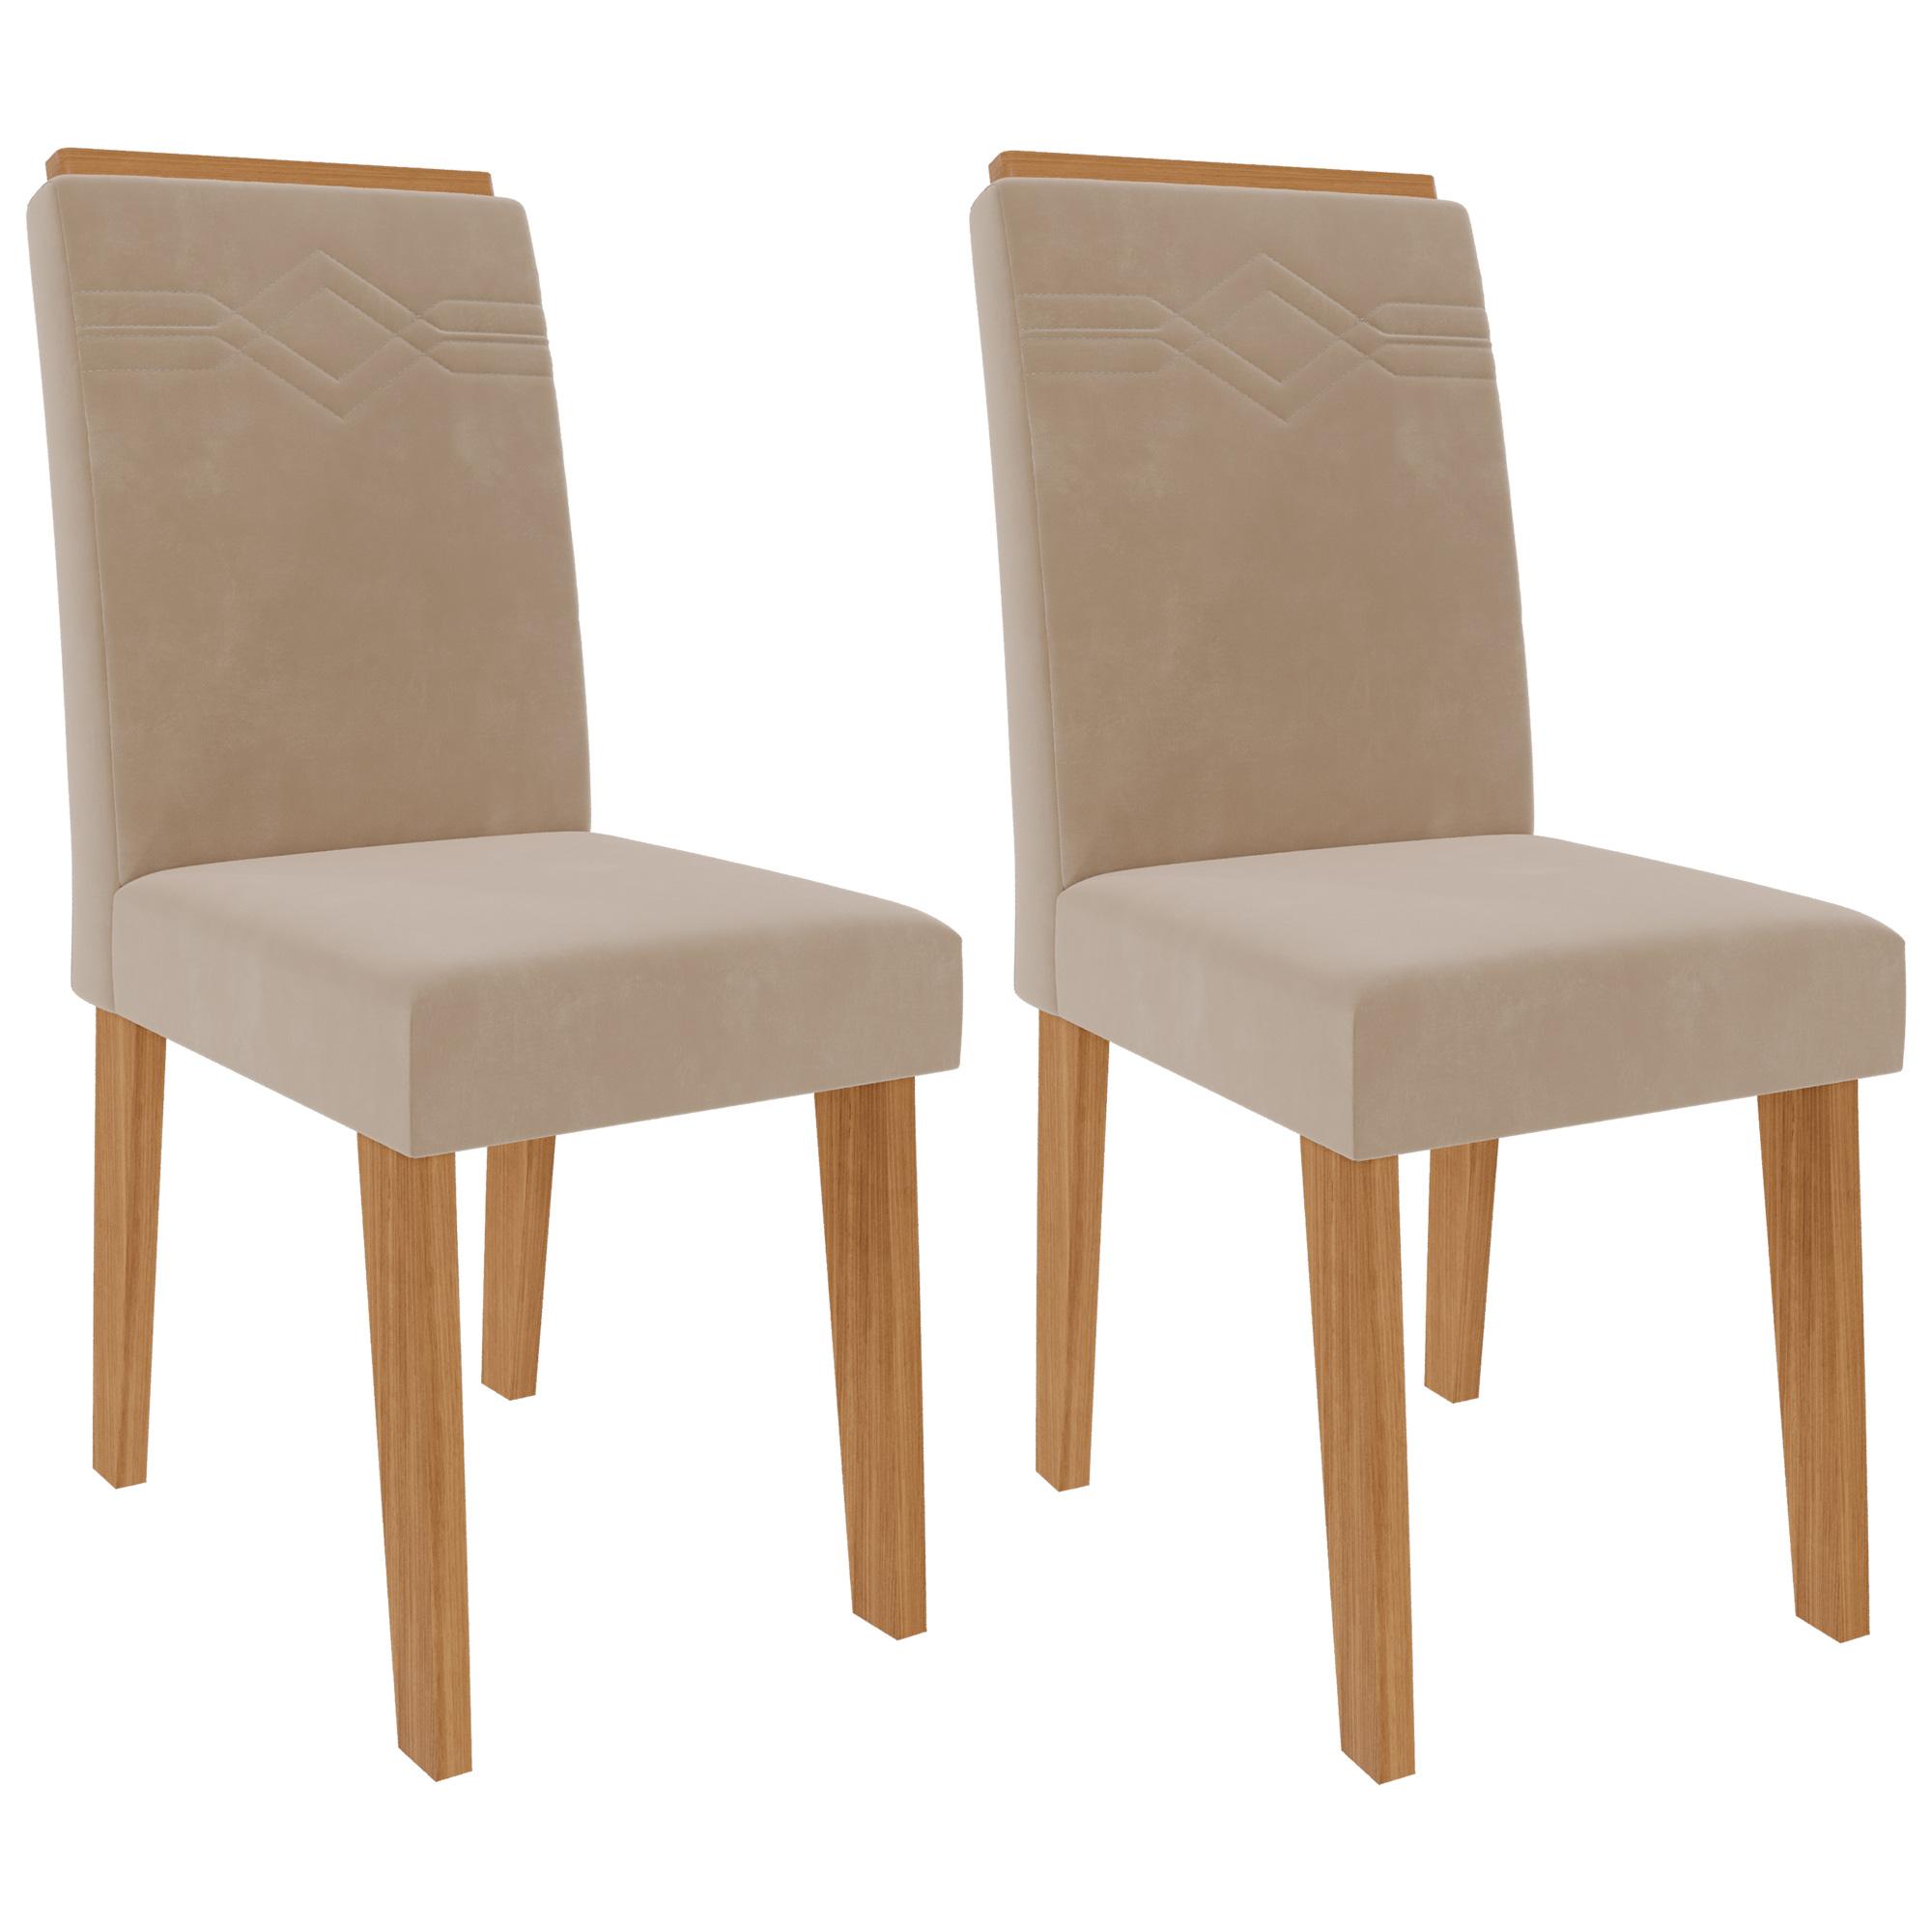 Cadeiras de MDF Para Sala de Jantar 02 Pçs Tais C/ Moldura  Cimol Nature/Nude